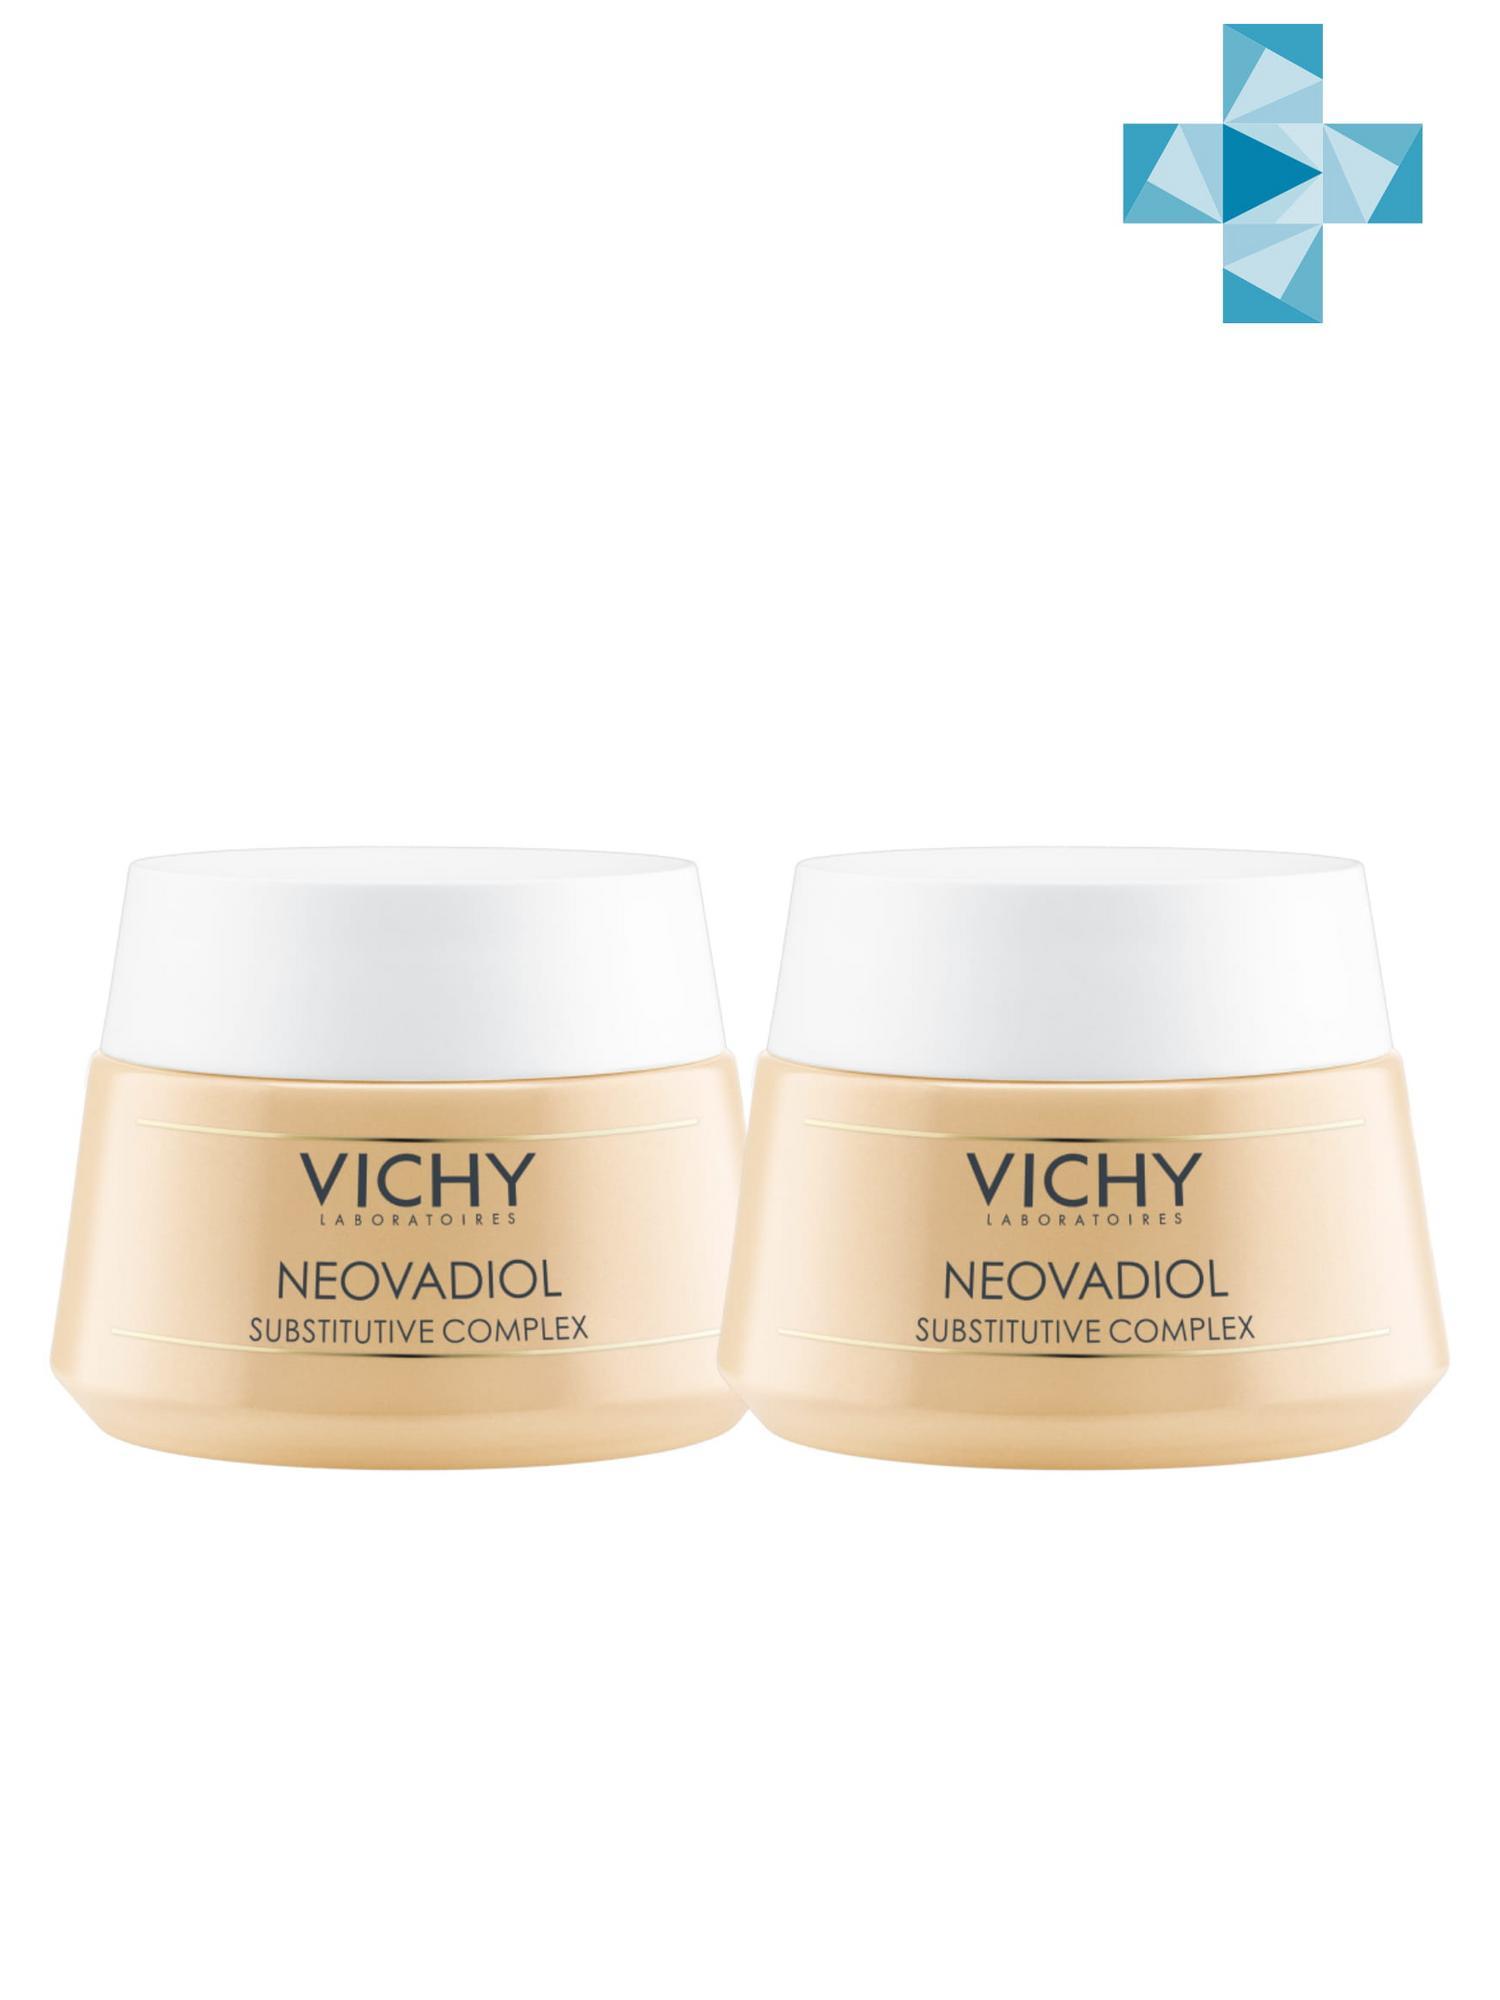 Фото - Vichy Комплект Неовадиол Компенсирующий комплекс для сухой и очень сухой кожи, 2 шт. по 50 мл (Vichy, Neovadiol) vichy неовадиол компенсирующий комплекс для нормальной и комбинированной кожи 50 мл vichy neovadiol